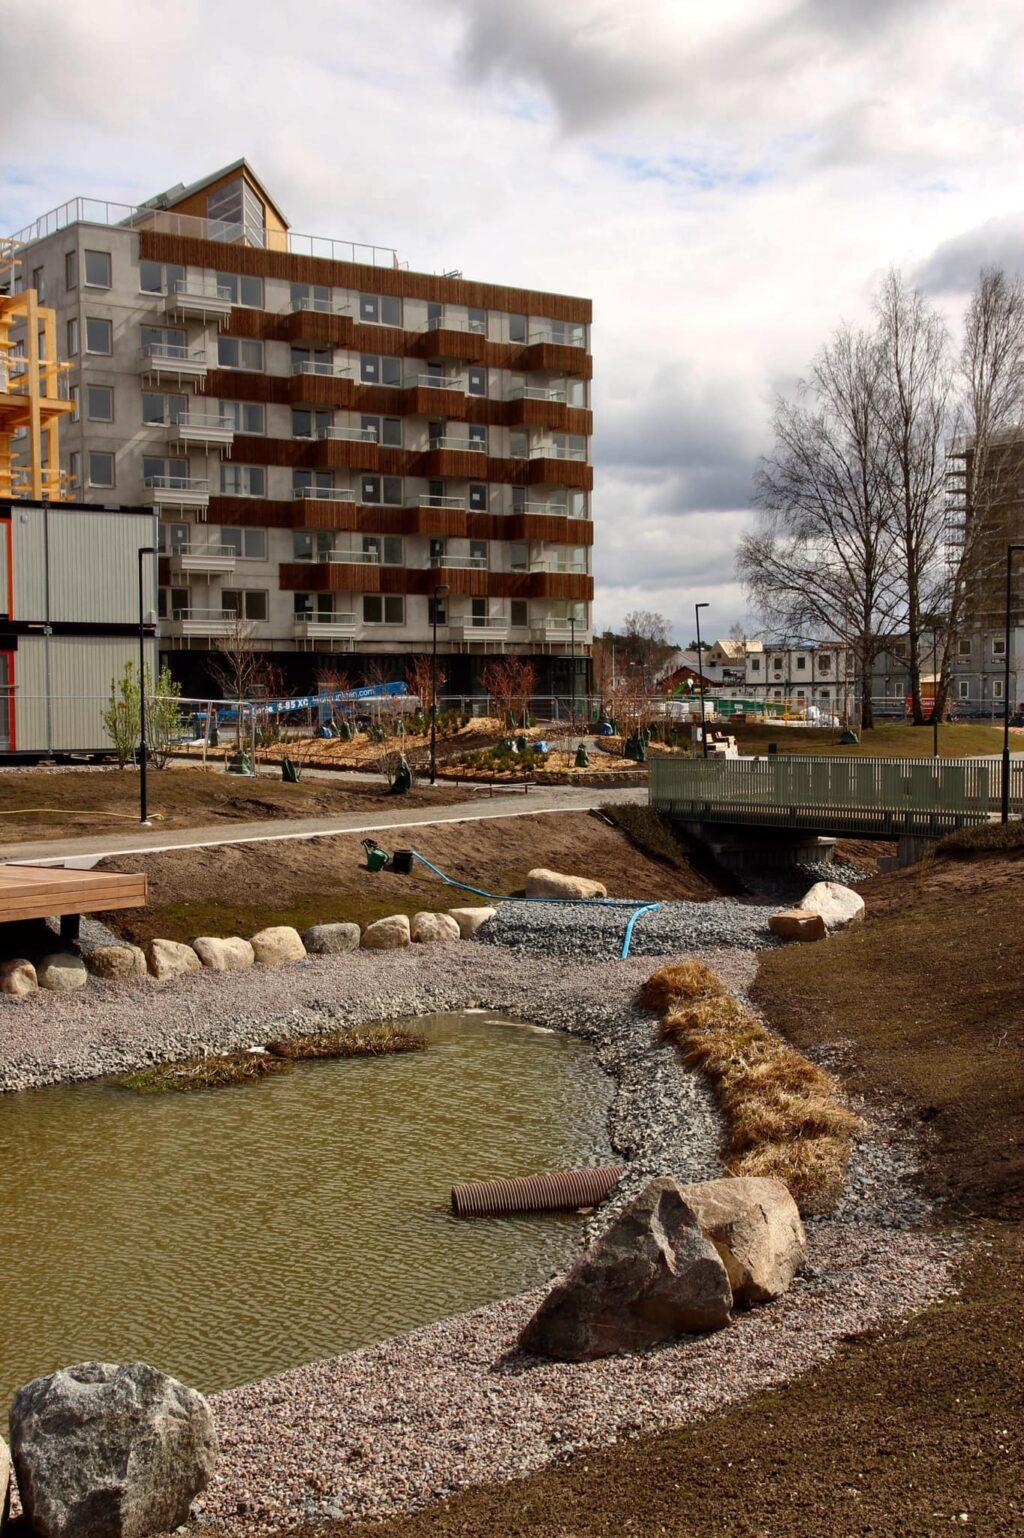 Omgivningen och dammen växer fram